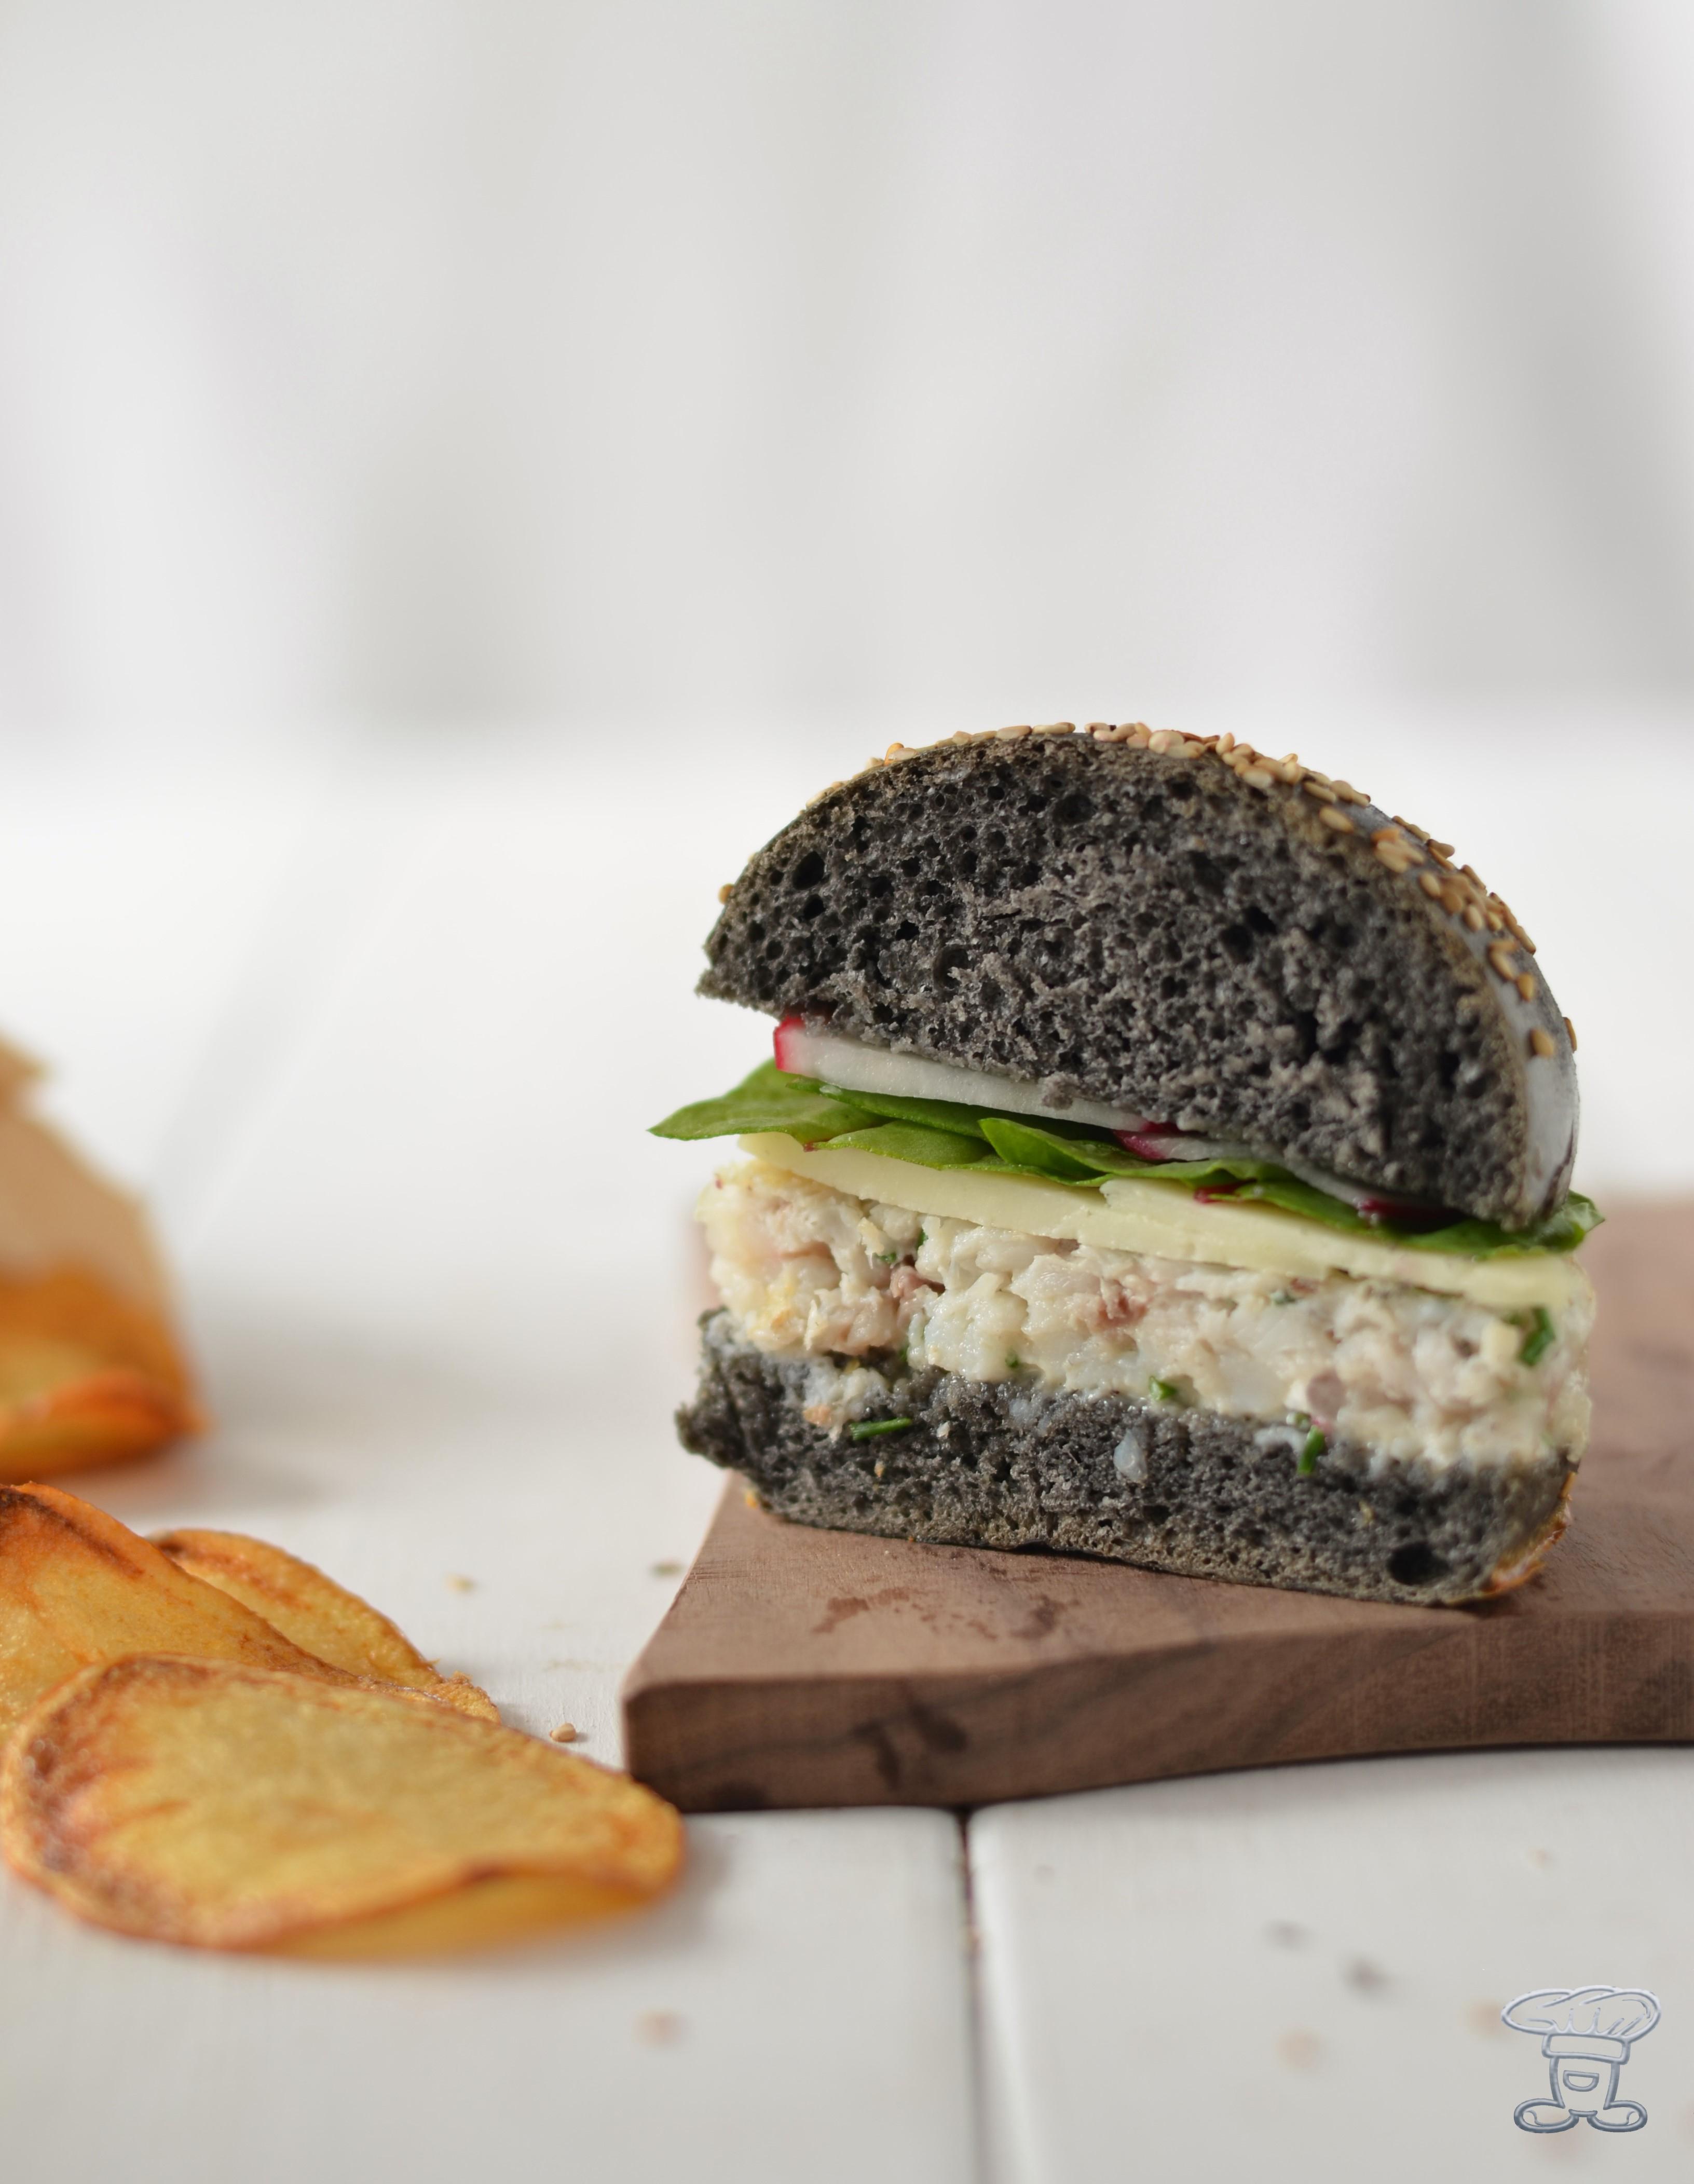 DSC_0392 Burger al nero, maionese alla vaniglia, orata, red chard e ravanello croccante